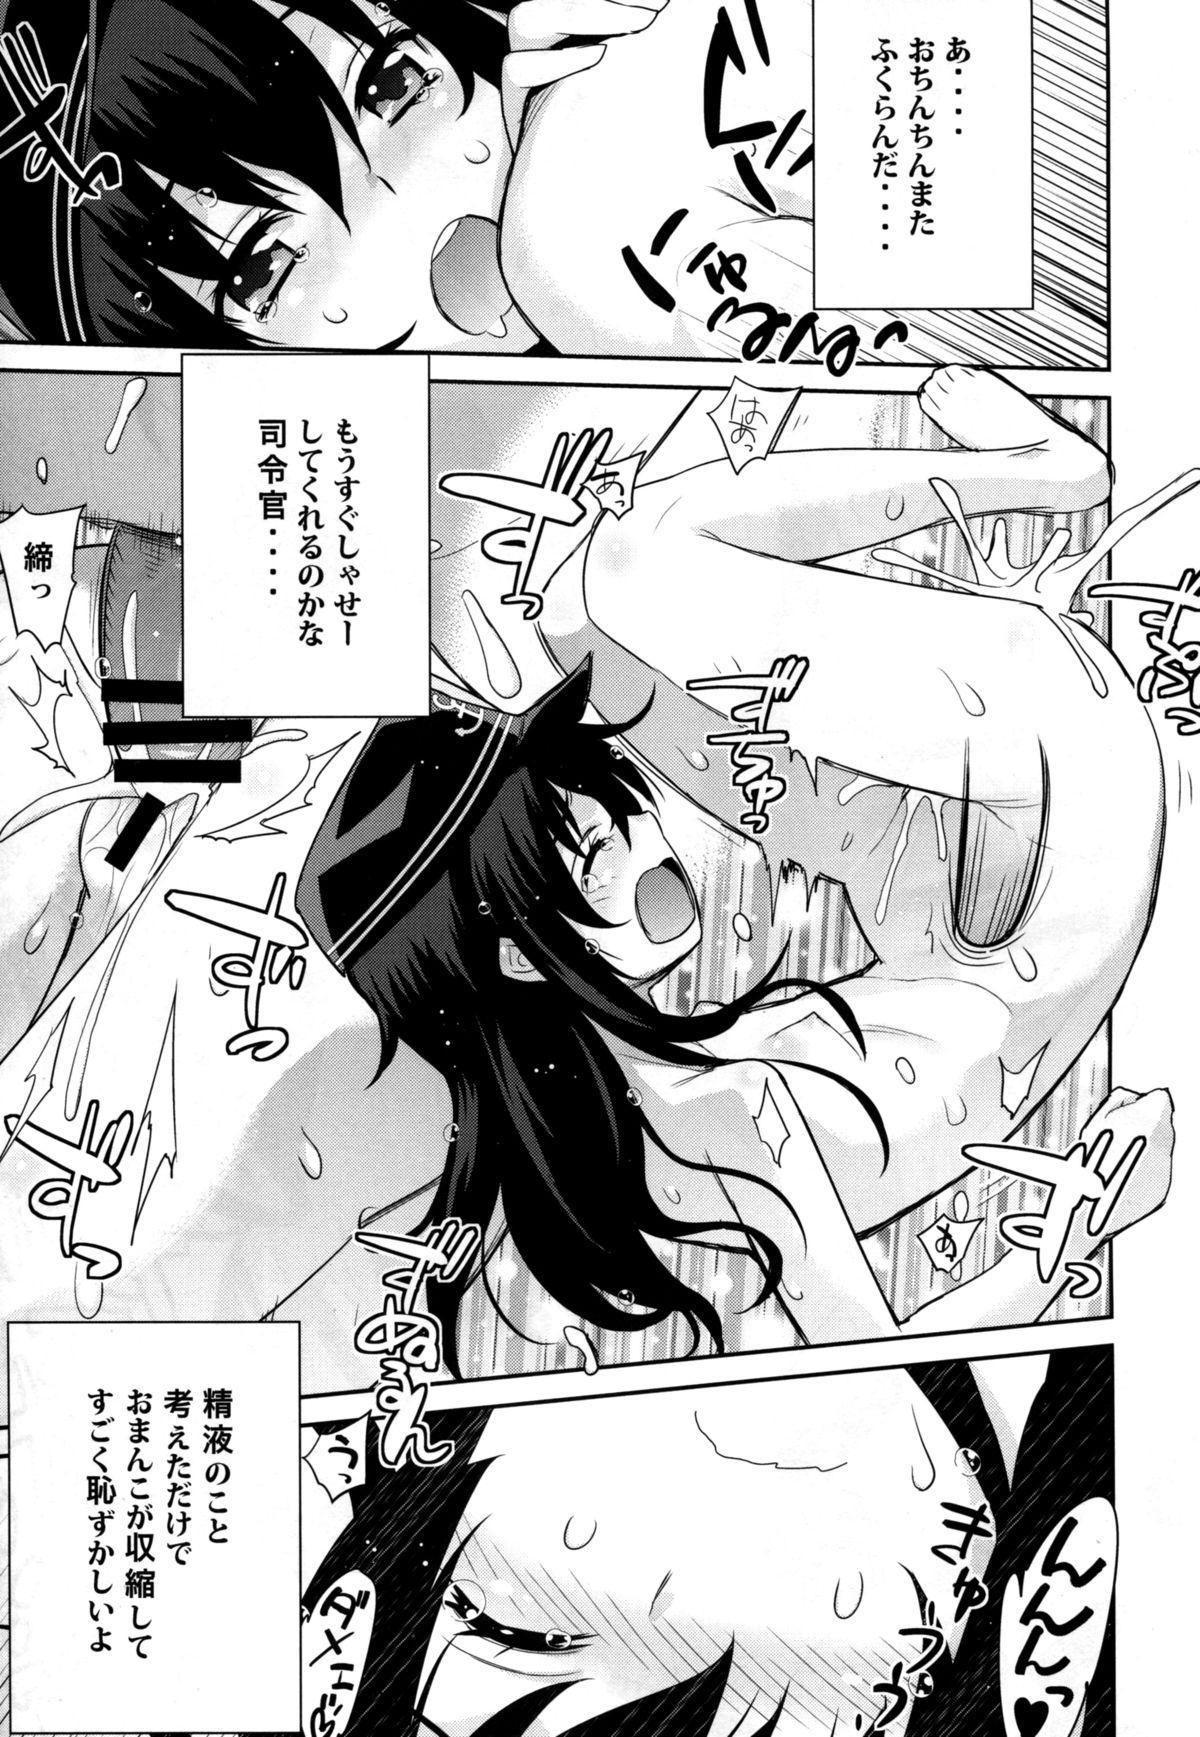 Ofuro Kantai Akatsuki 20